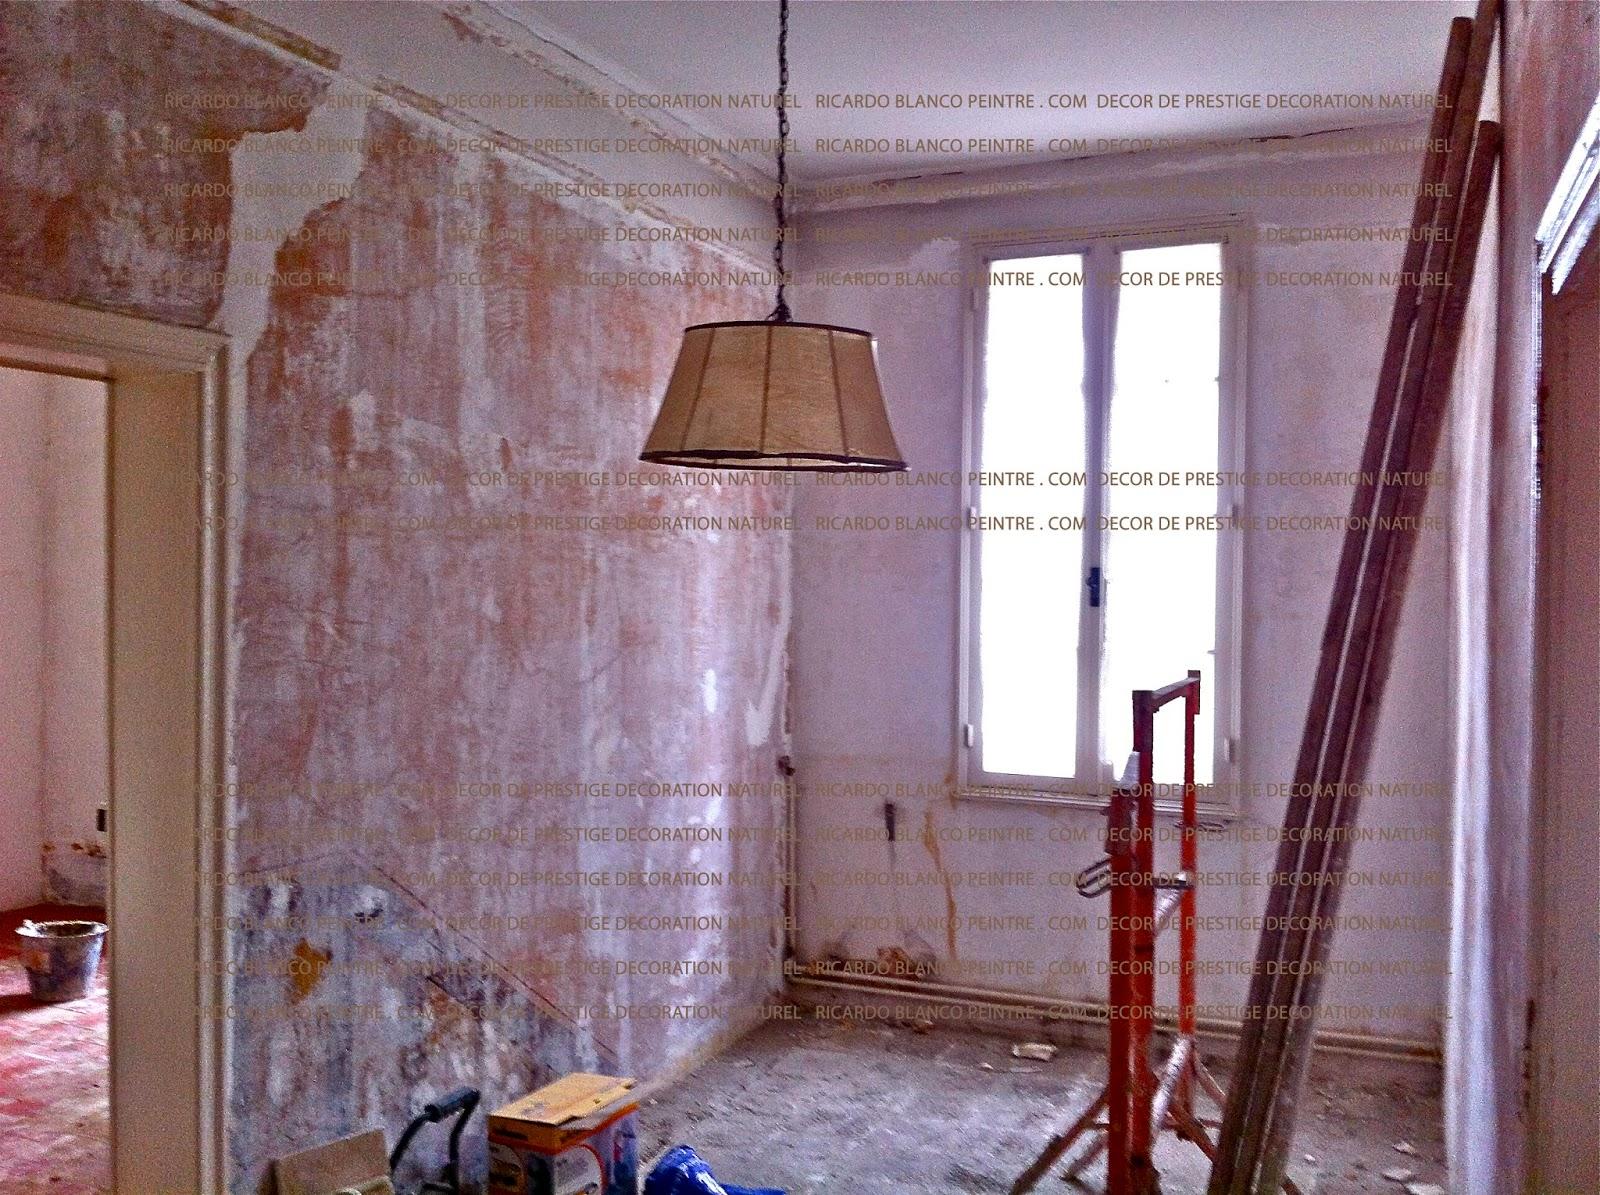 Ricardo blanco peinture d coration la chaux naturelle for Peintre decorateur interieur